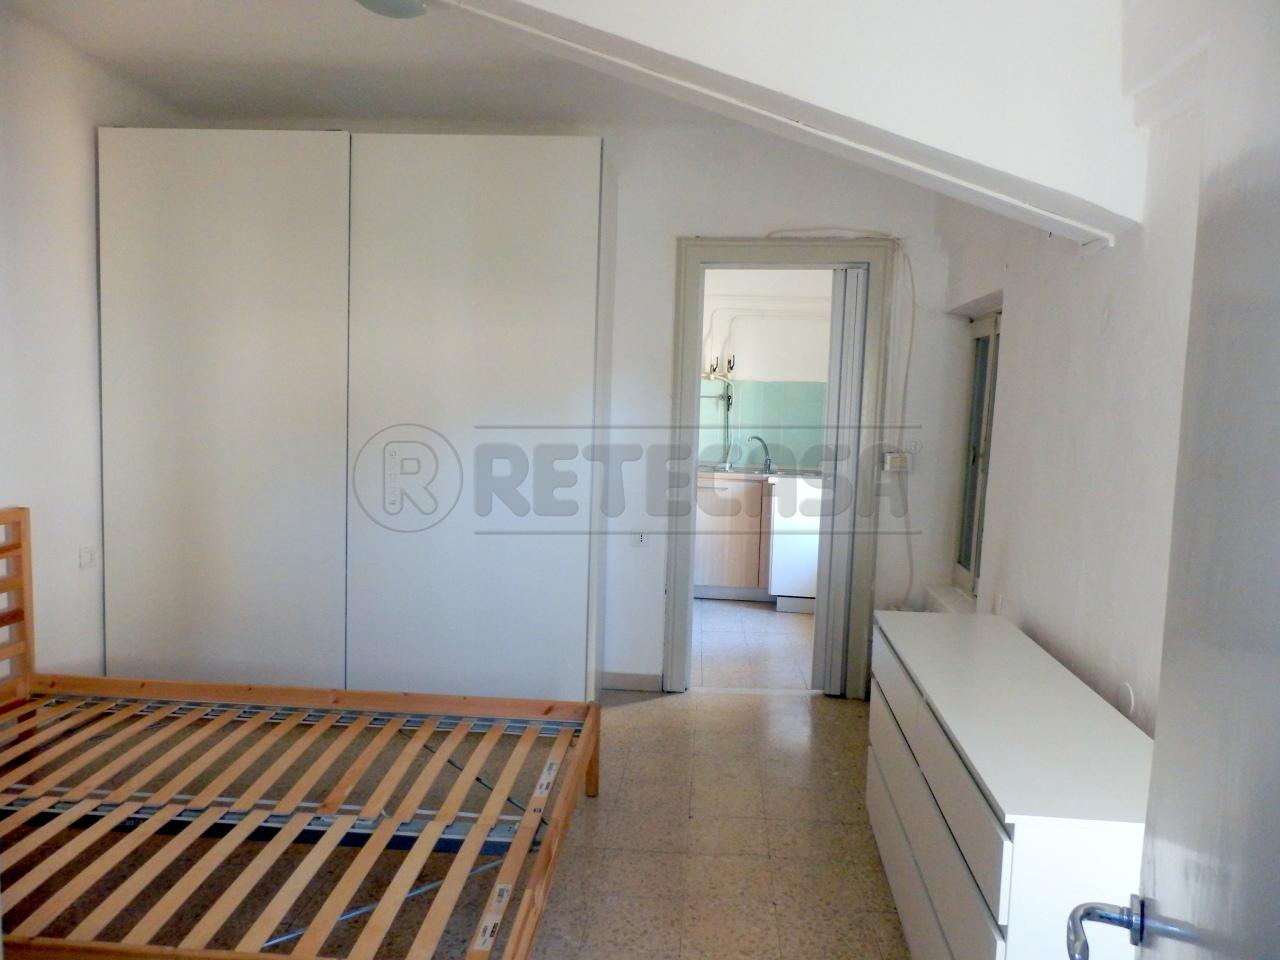 Appartamento in affitto a Mantova, 2 locali, prezzo € 350 | CambioCasa.it